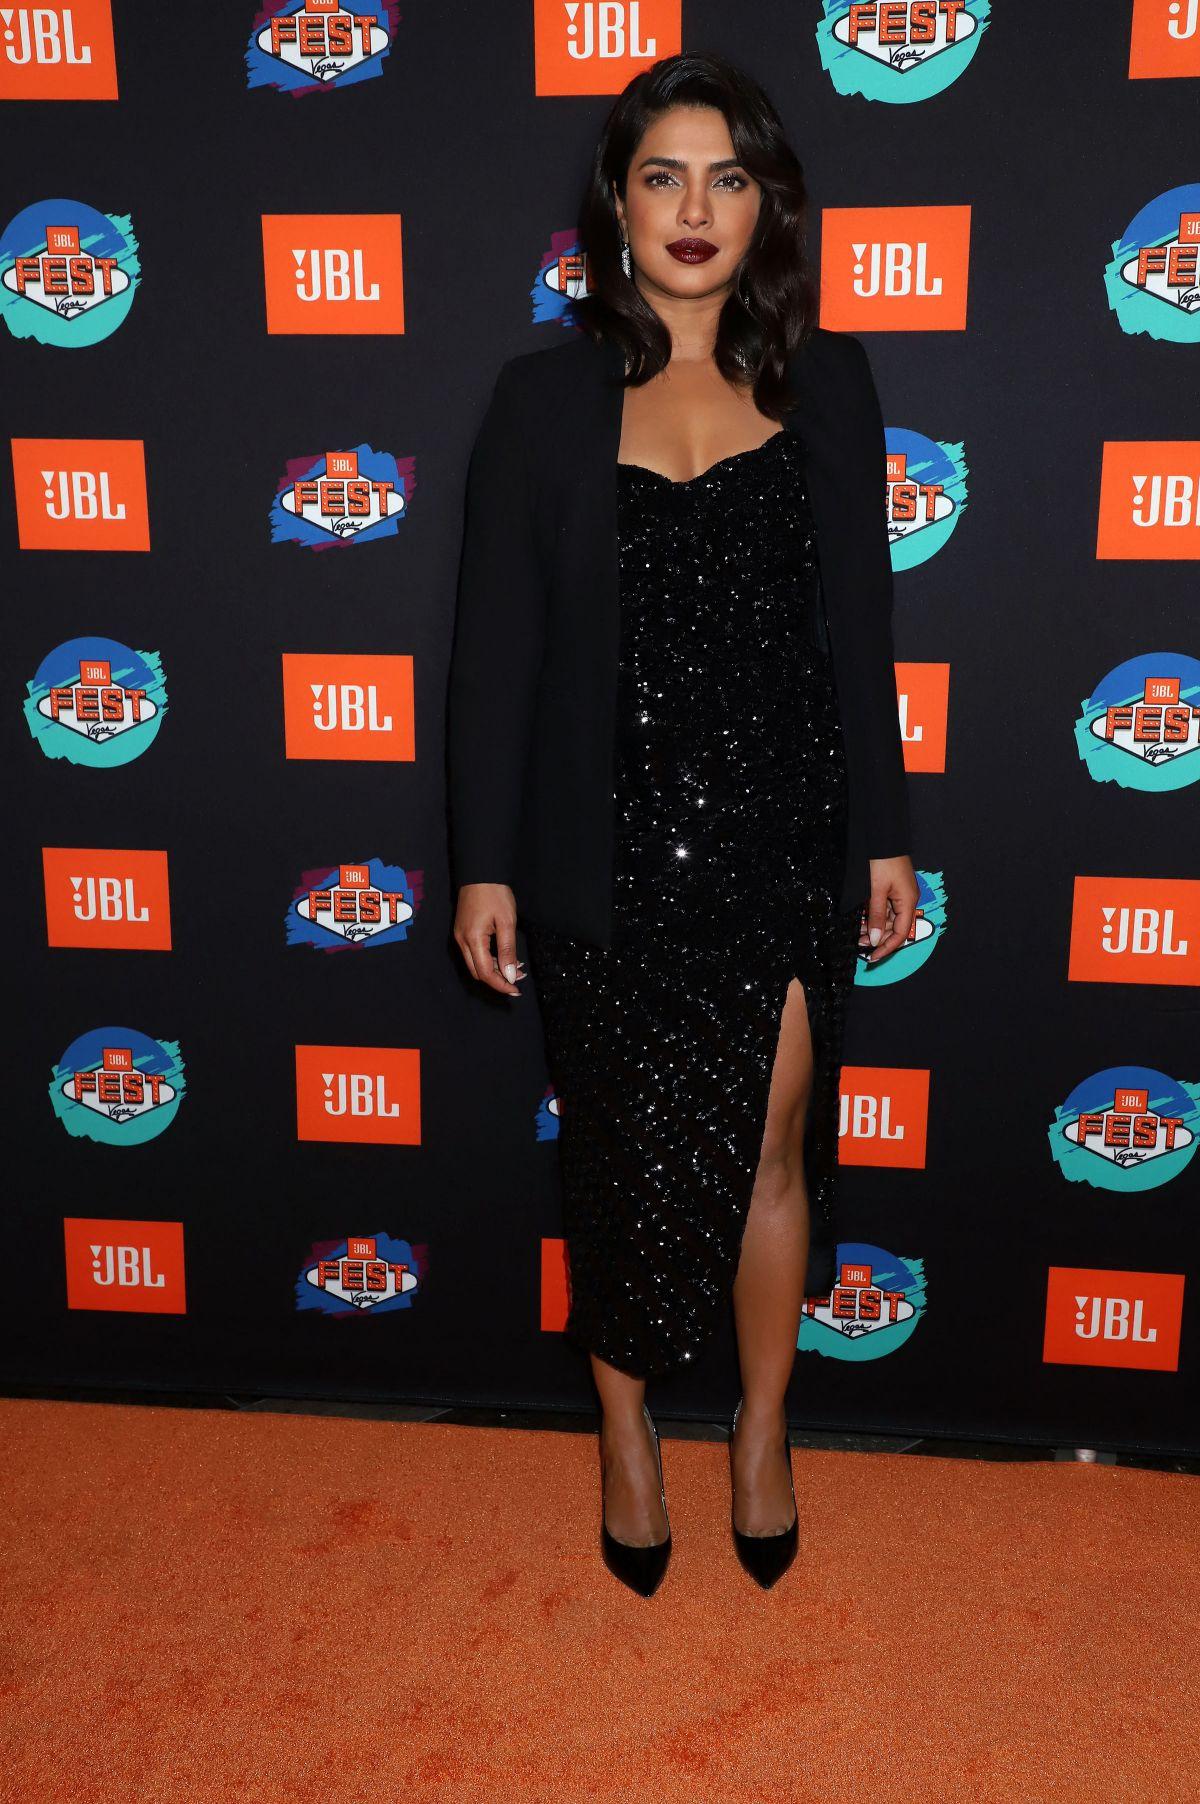 بريانكا شوبرا في فستان أسود براق